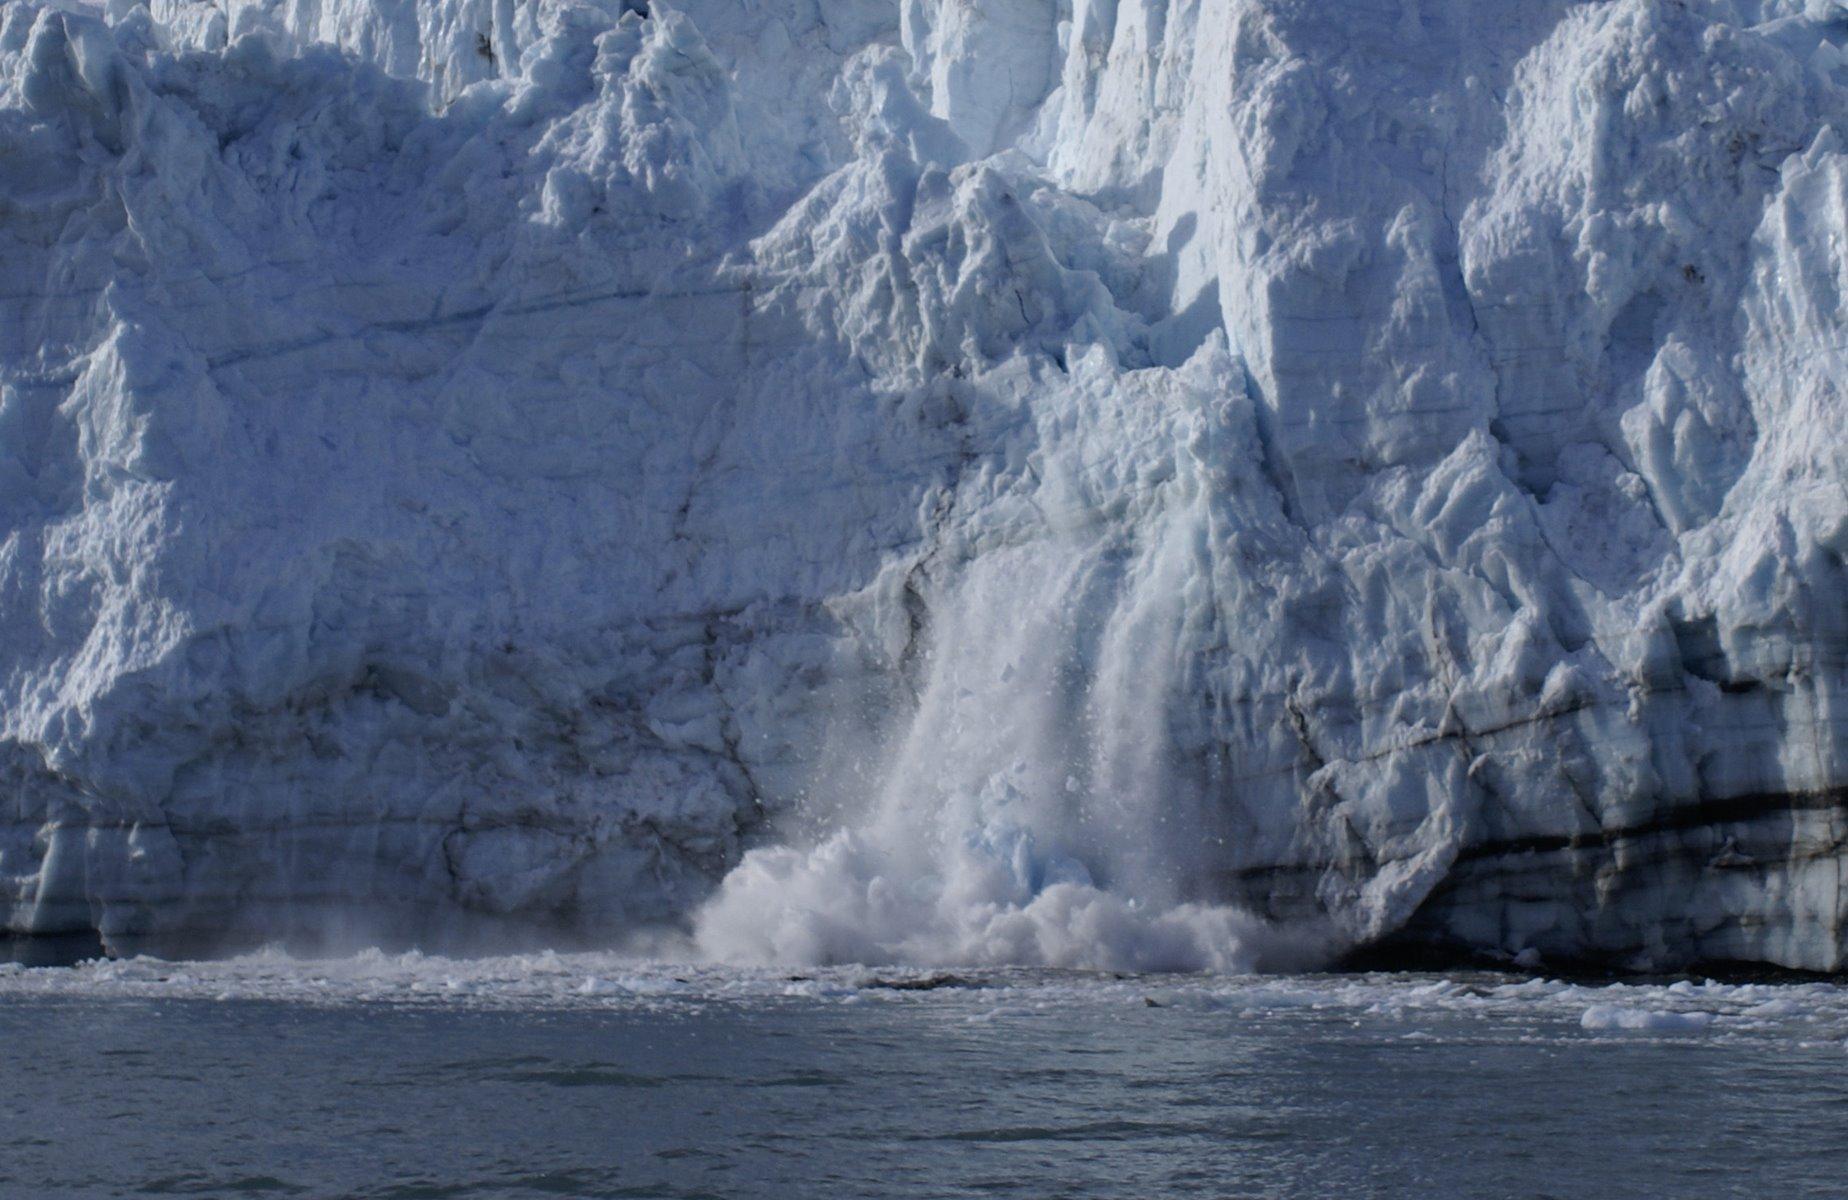 Calving glacier sequence, photo 3